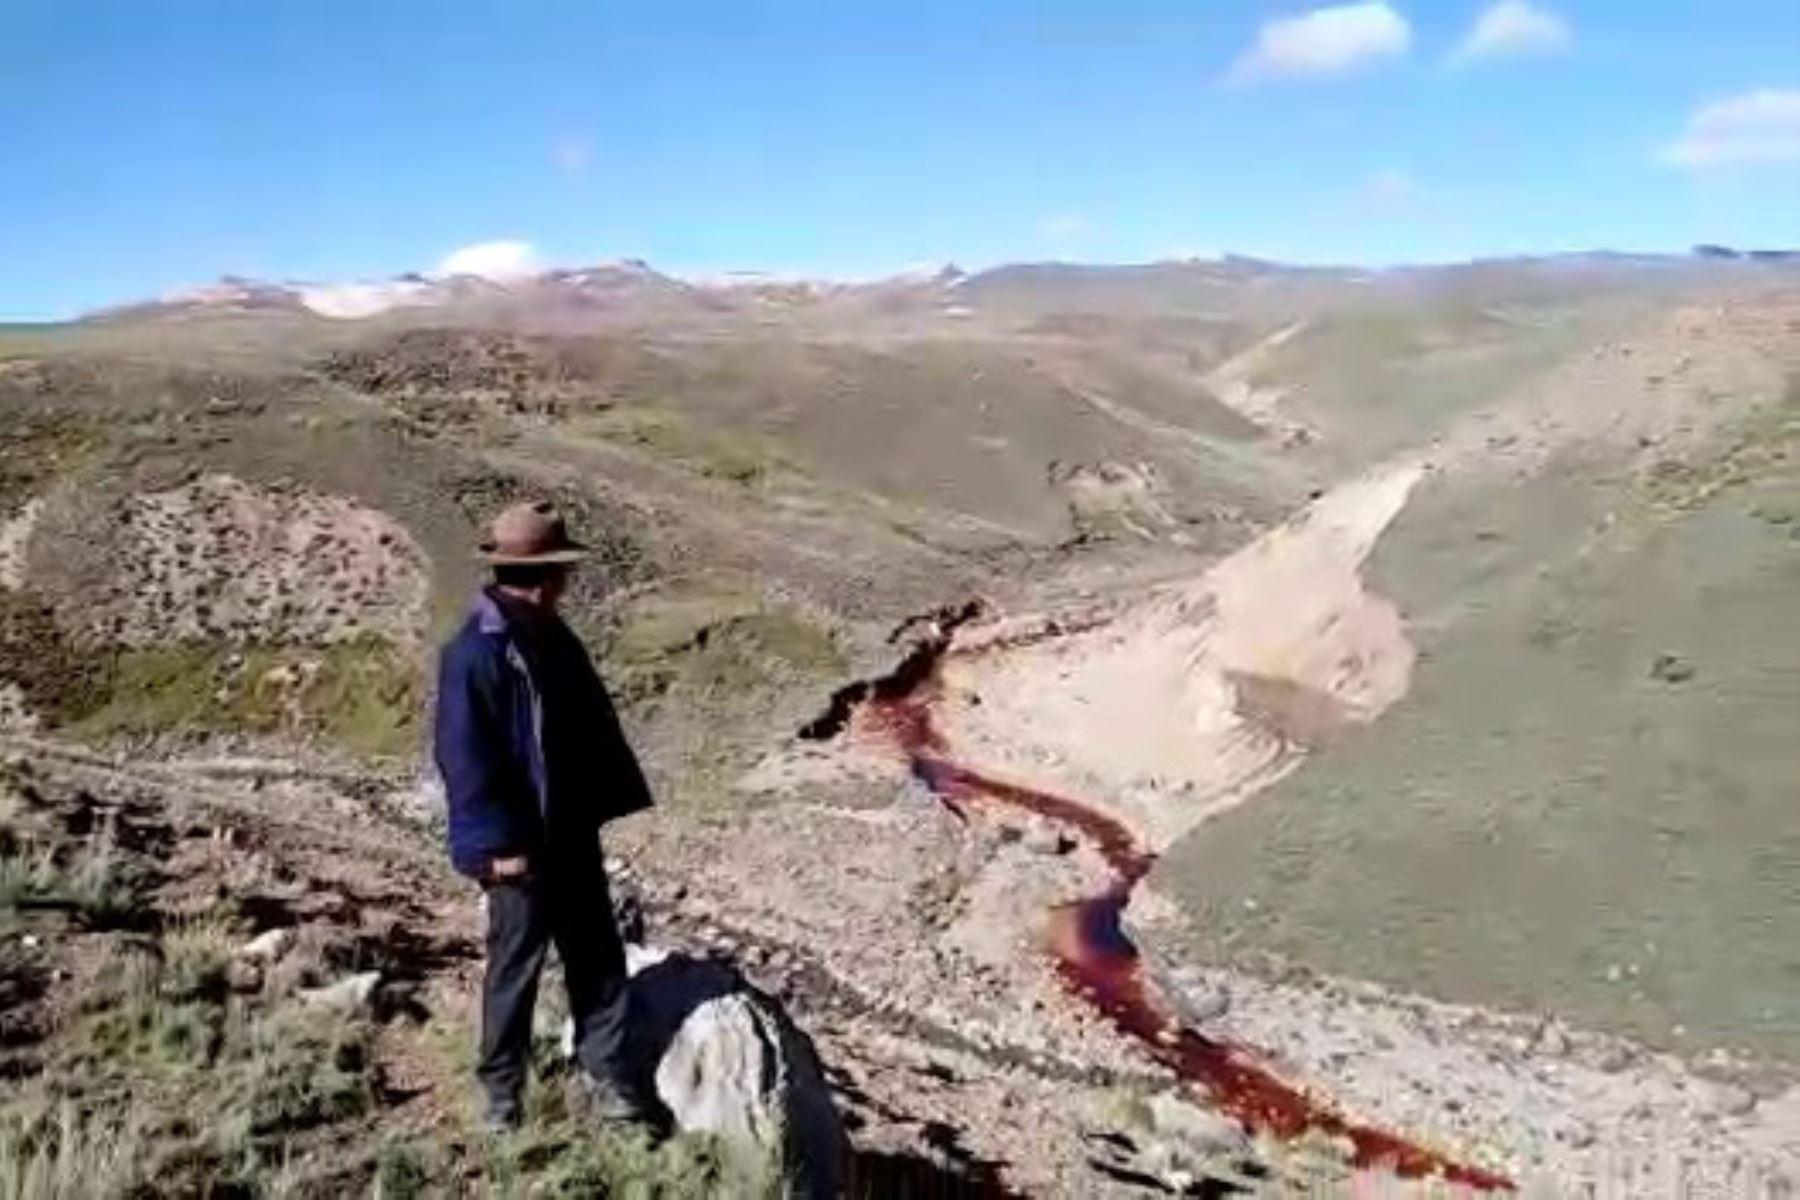 Autoridades de la Fiscalía Especializada en Materia Ambiental de Huancayo y de la ANA intervienen ante emergencia ambiental por vertimiento de aguas ácidas. Foto: Pedro Tinoco